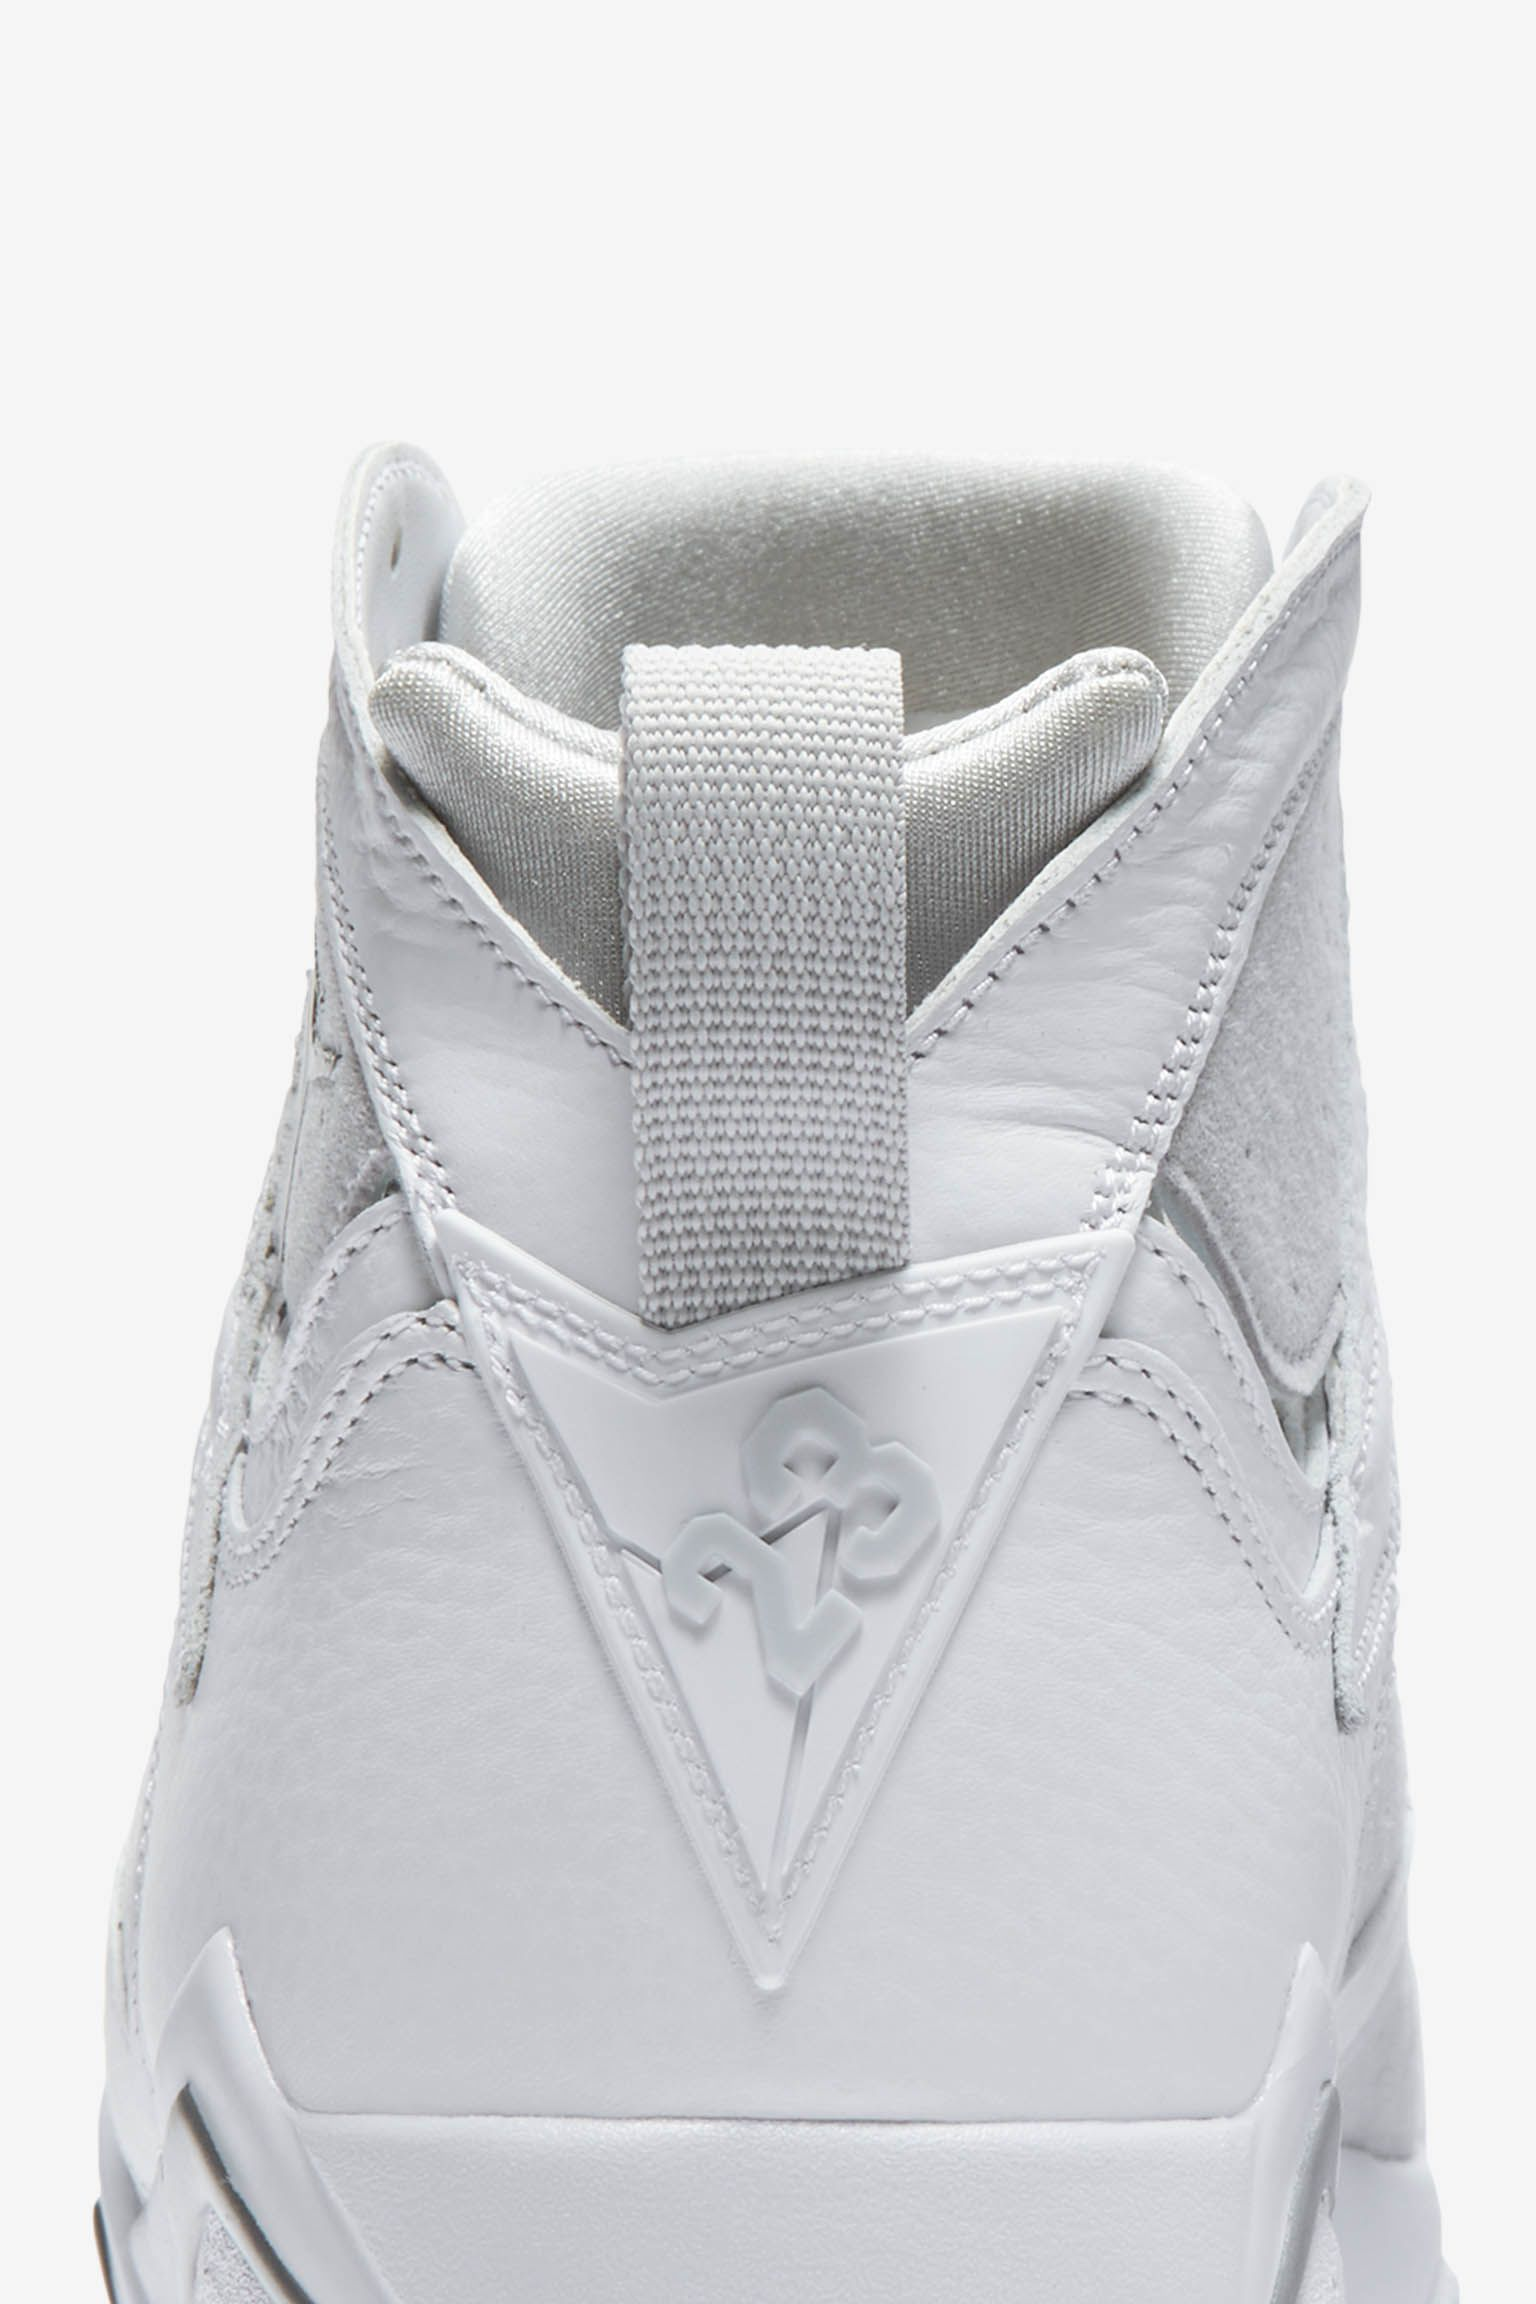 Air Jordan 7 Retro 'White & Pure Platinum' Release Date